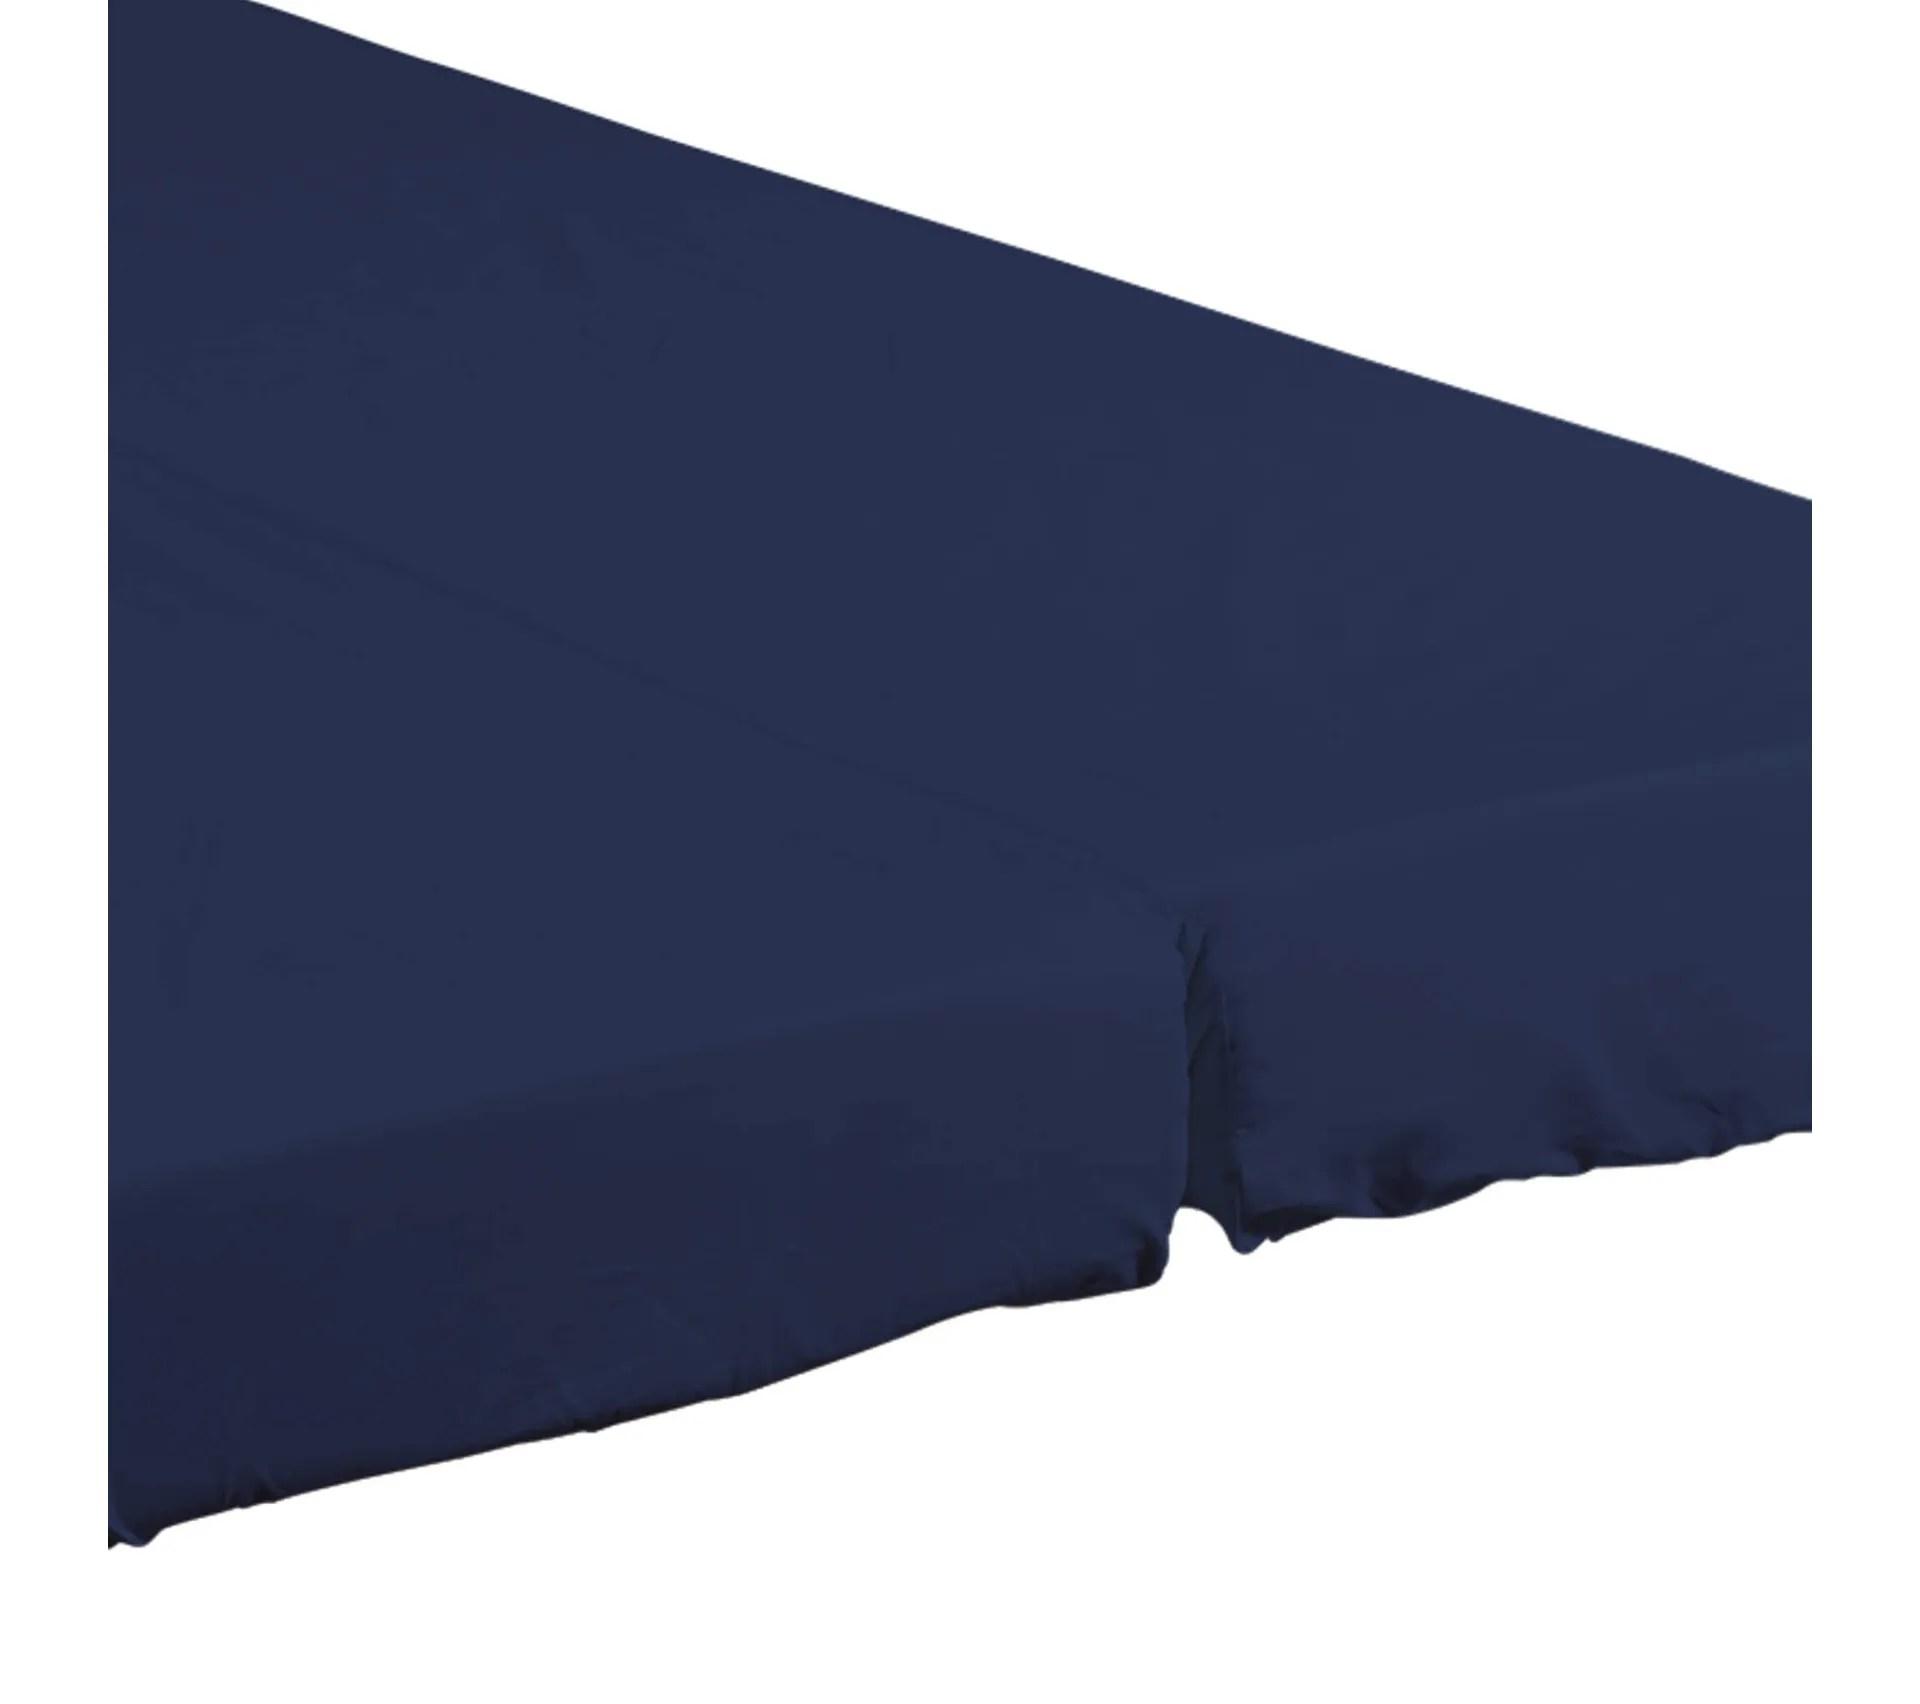 Drap Housse Bleu Marine Pour Matelas Clic Clac Bonnet 20 Cm 130x190 Accessoire Banquette But